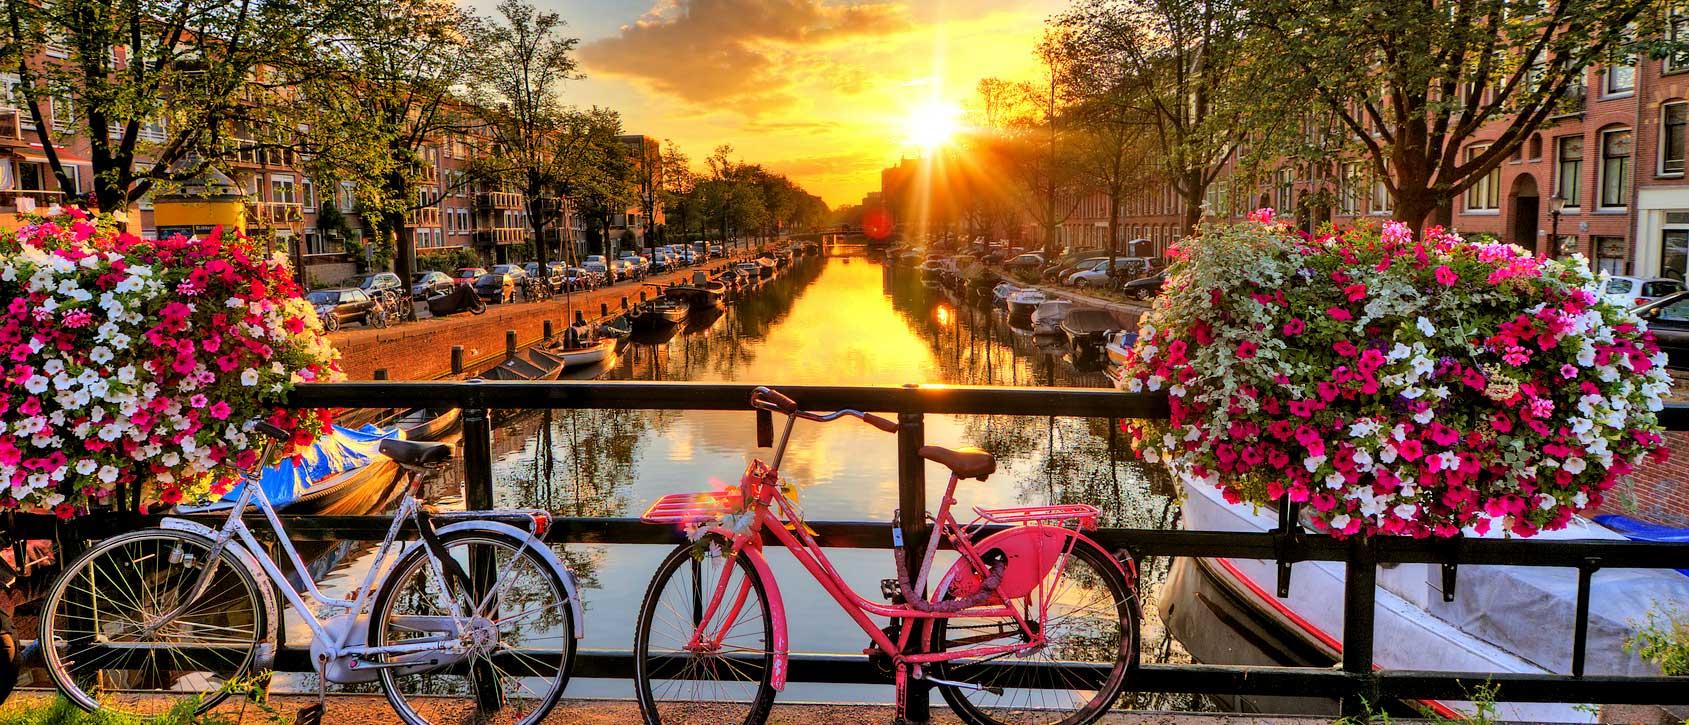 Amsterdammer Krachten im Morgenlicht.